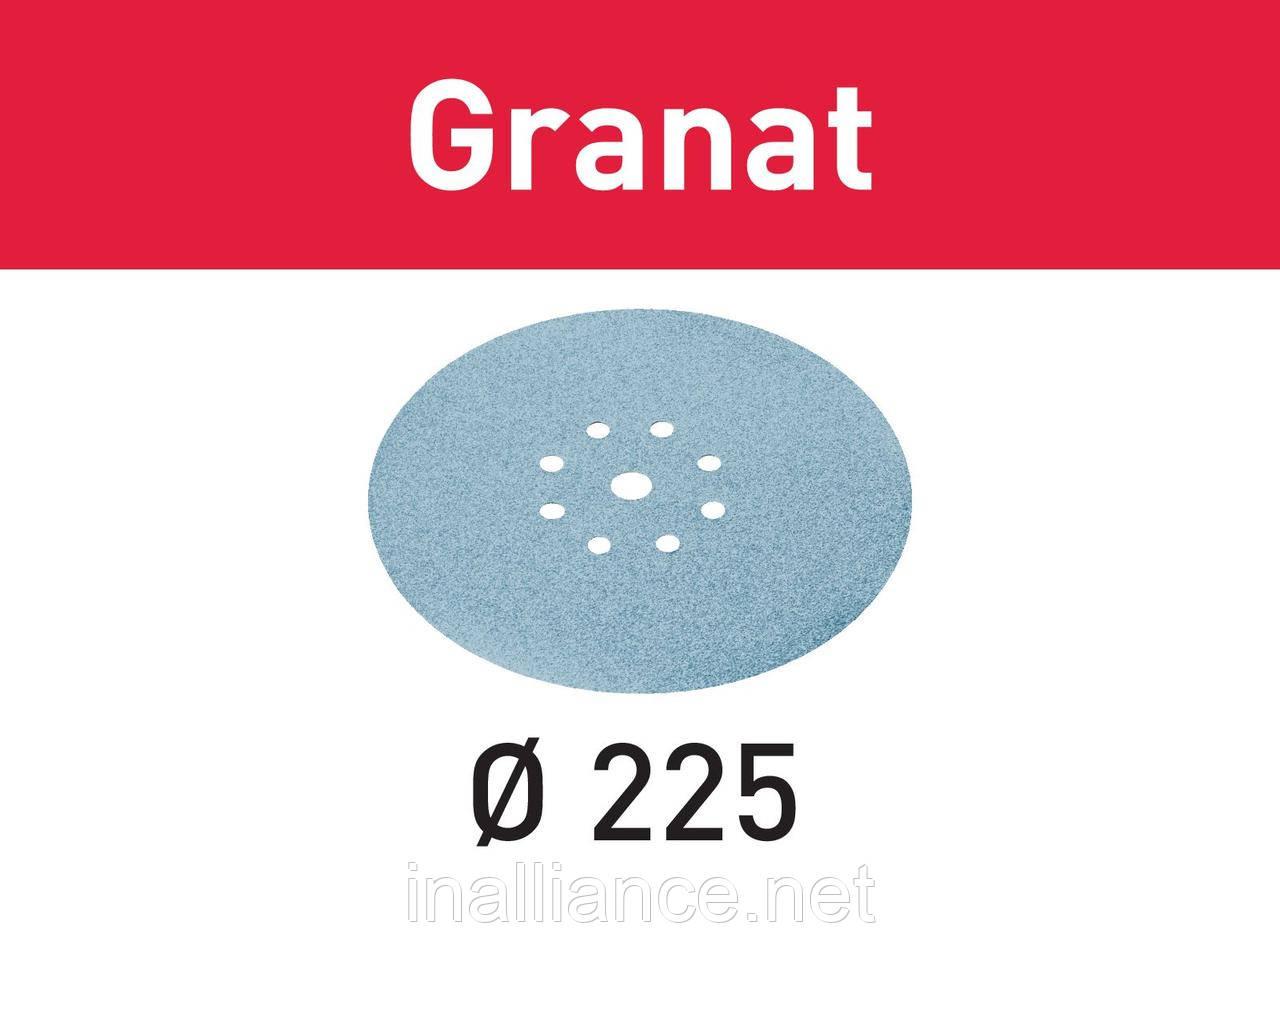 Шлифовальные круги 1 штука Granat STF D225/8 P150 GR/1 Festool 499639/1